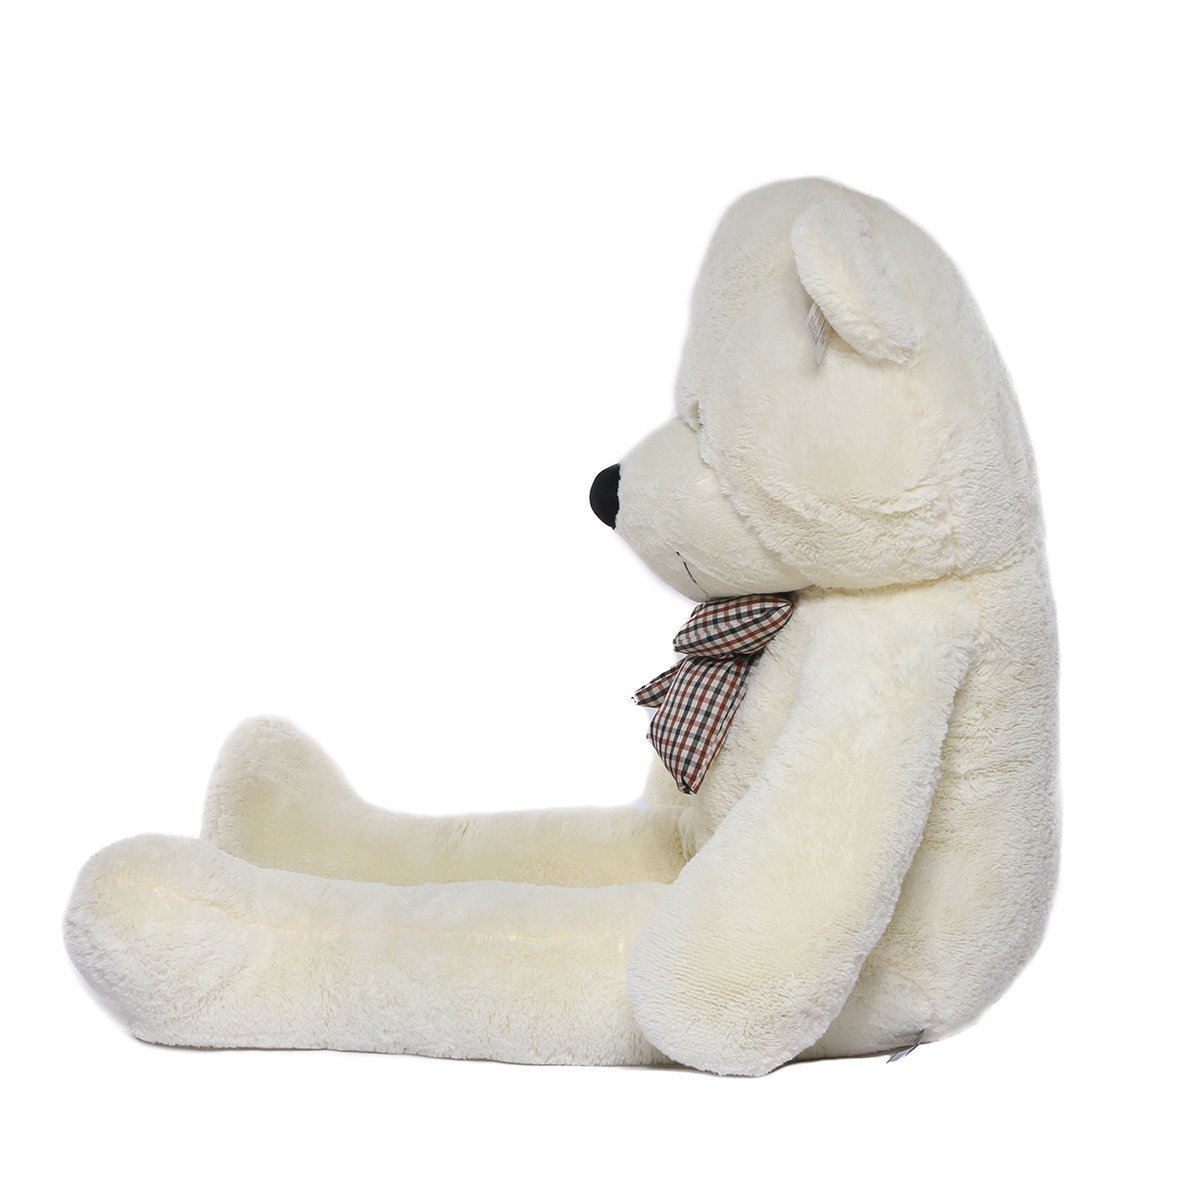 VERCART Jouet Enfant Grand Nounours 39 inches G/éant Ours en Peluche Teddy Bear Blanc 120CM